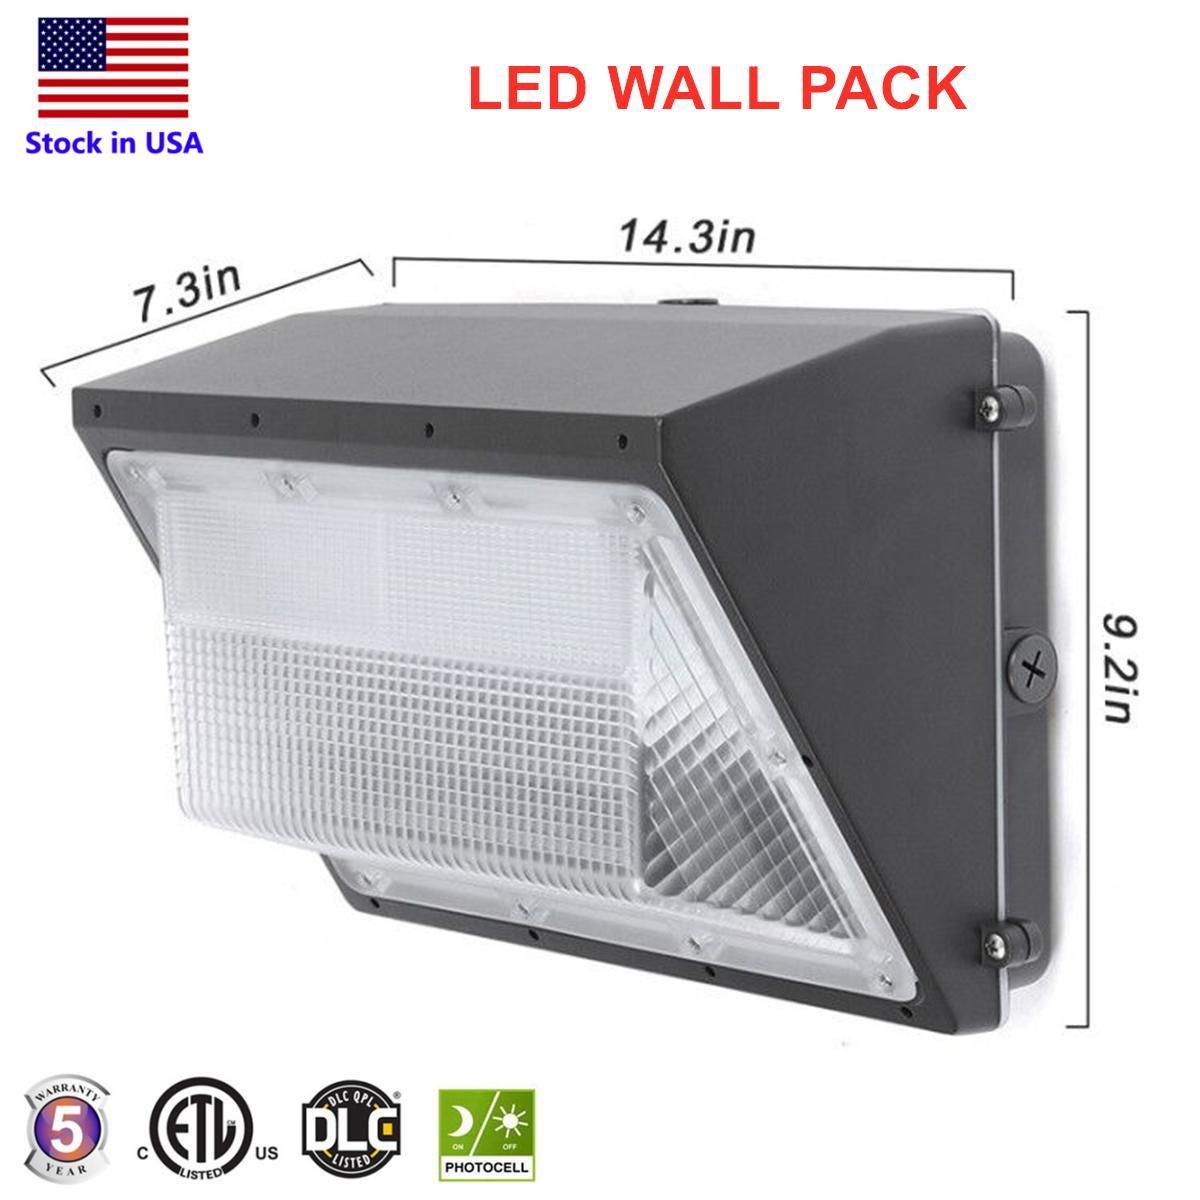 DLC ETL المدرج LED في الهواء الطلق حزمة الجدار الخفيفة 80W 120W الصناعية حزمة الحائط تركيبات ضوء وضح النهار 5000K AC90-277V CRI75 IP65